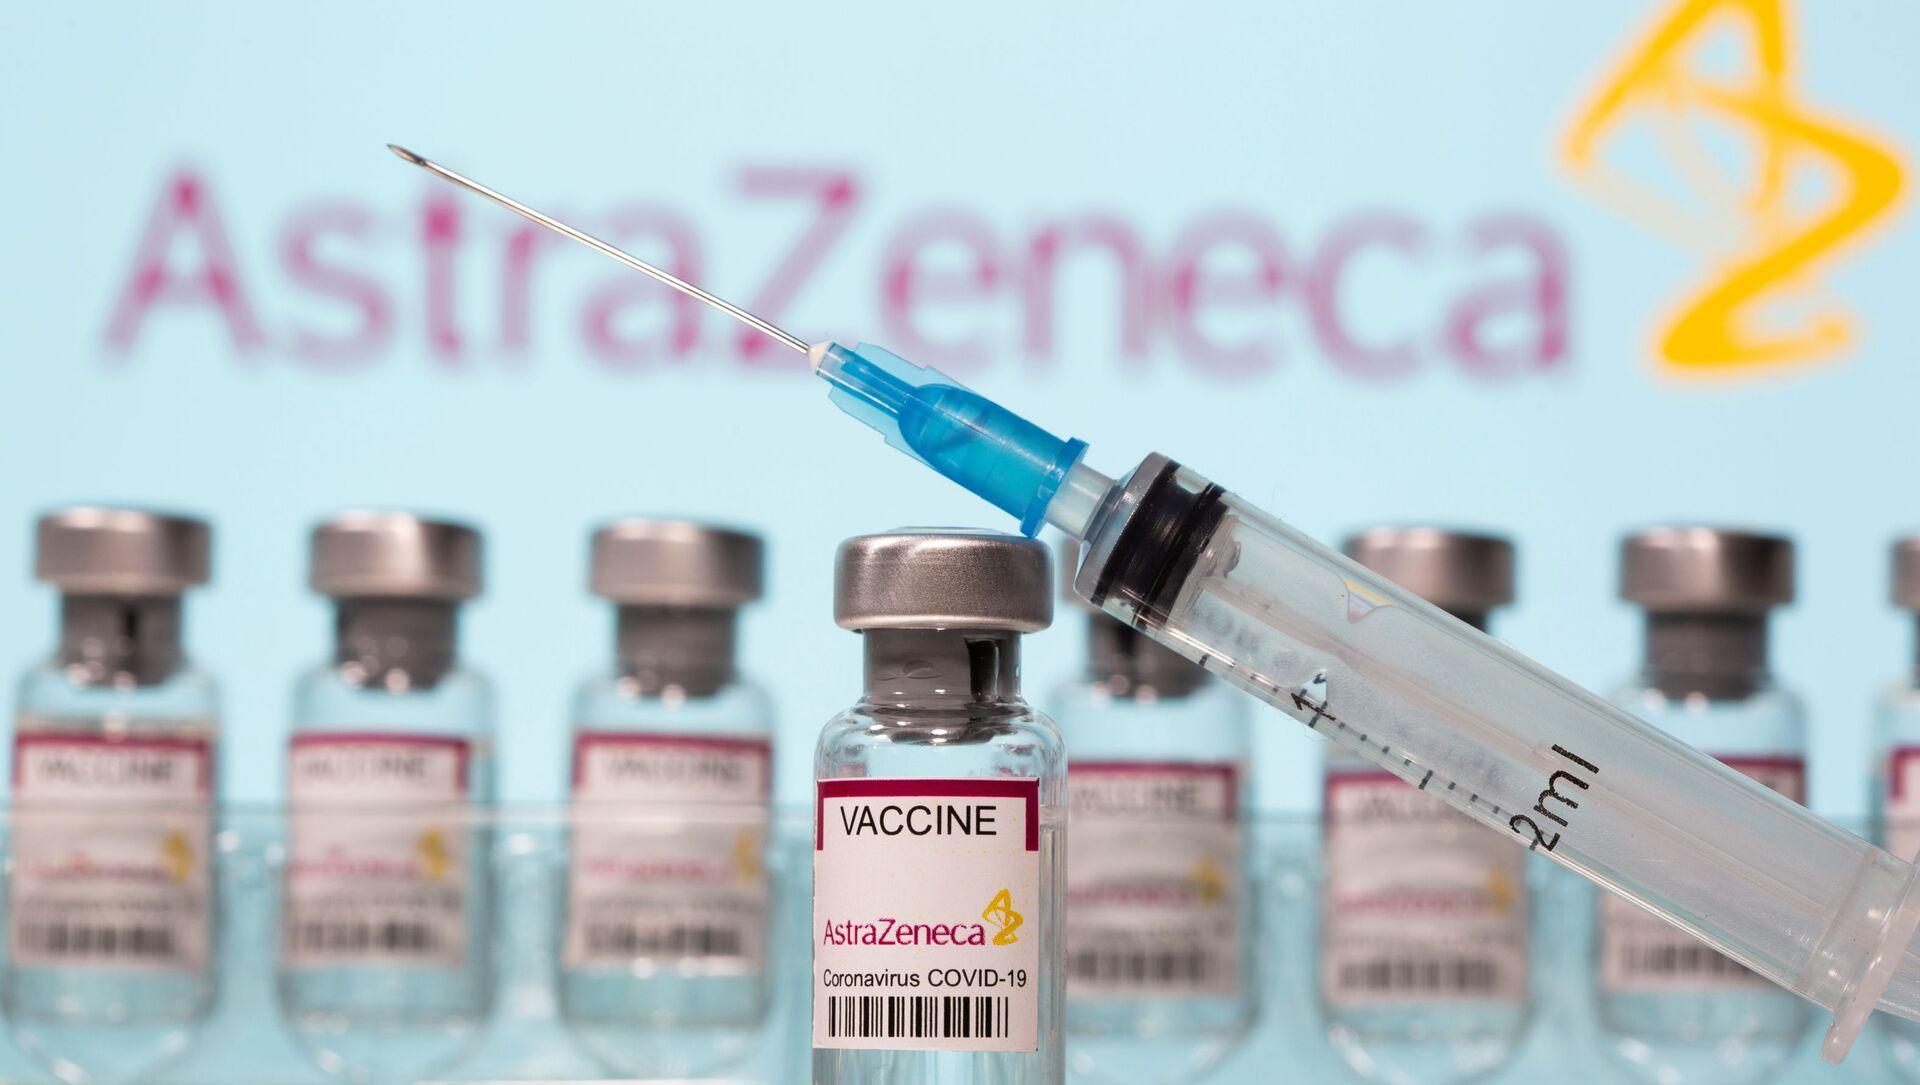 Delle fiale di vaccino AstraZeneca - Sputnik Italia, 1920, 22.03.2021